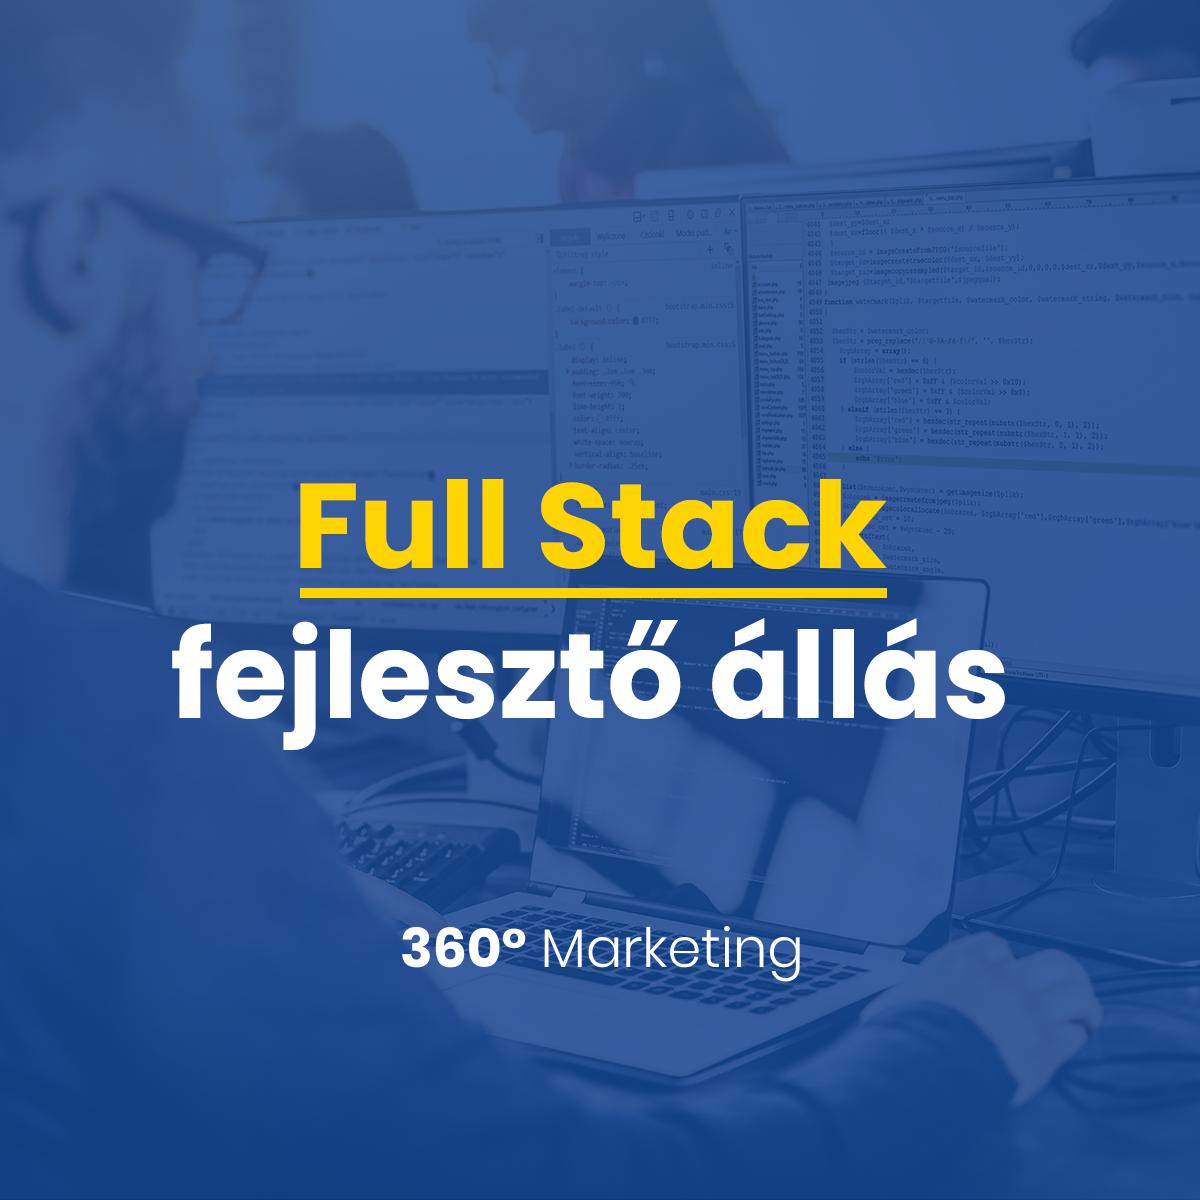 Full Stack fejlesztő